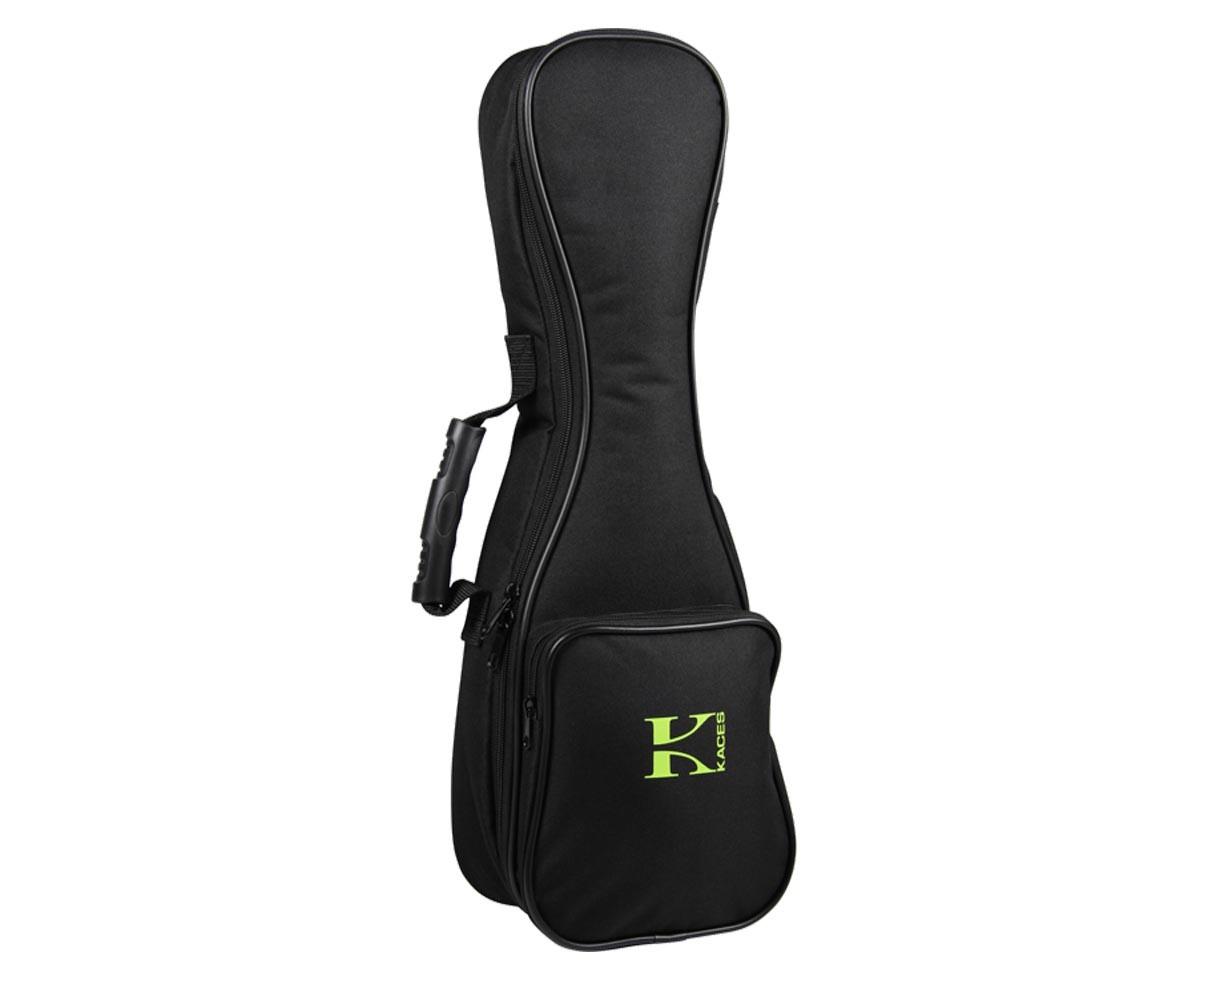 Kaces KUKS-3 - Soprano Size Ukulele Bag